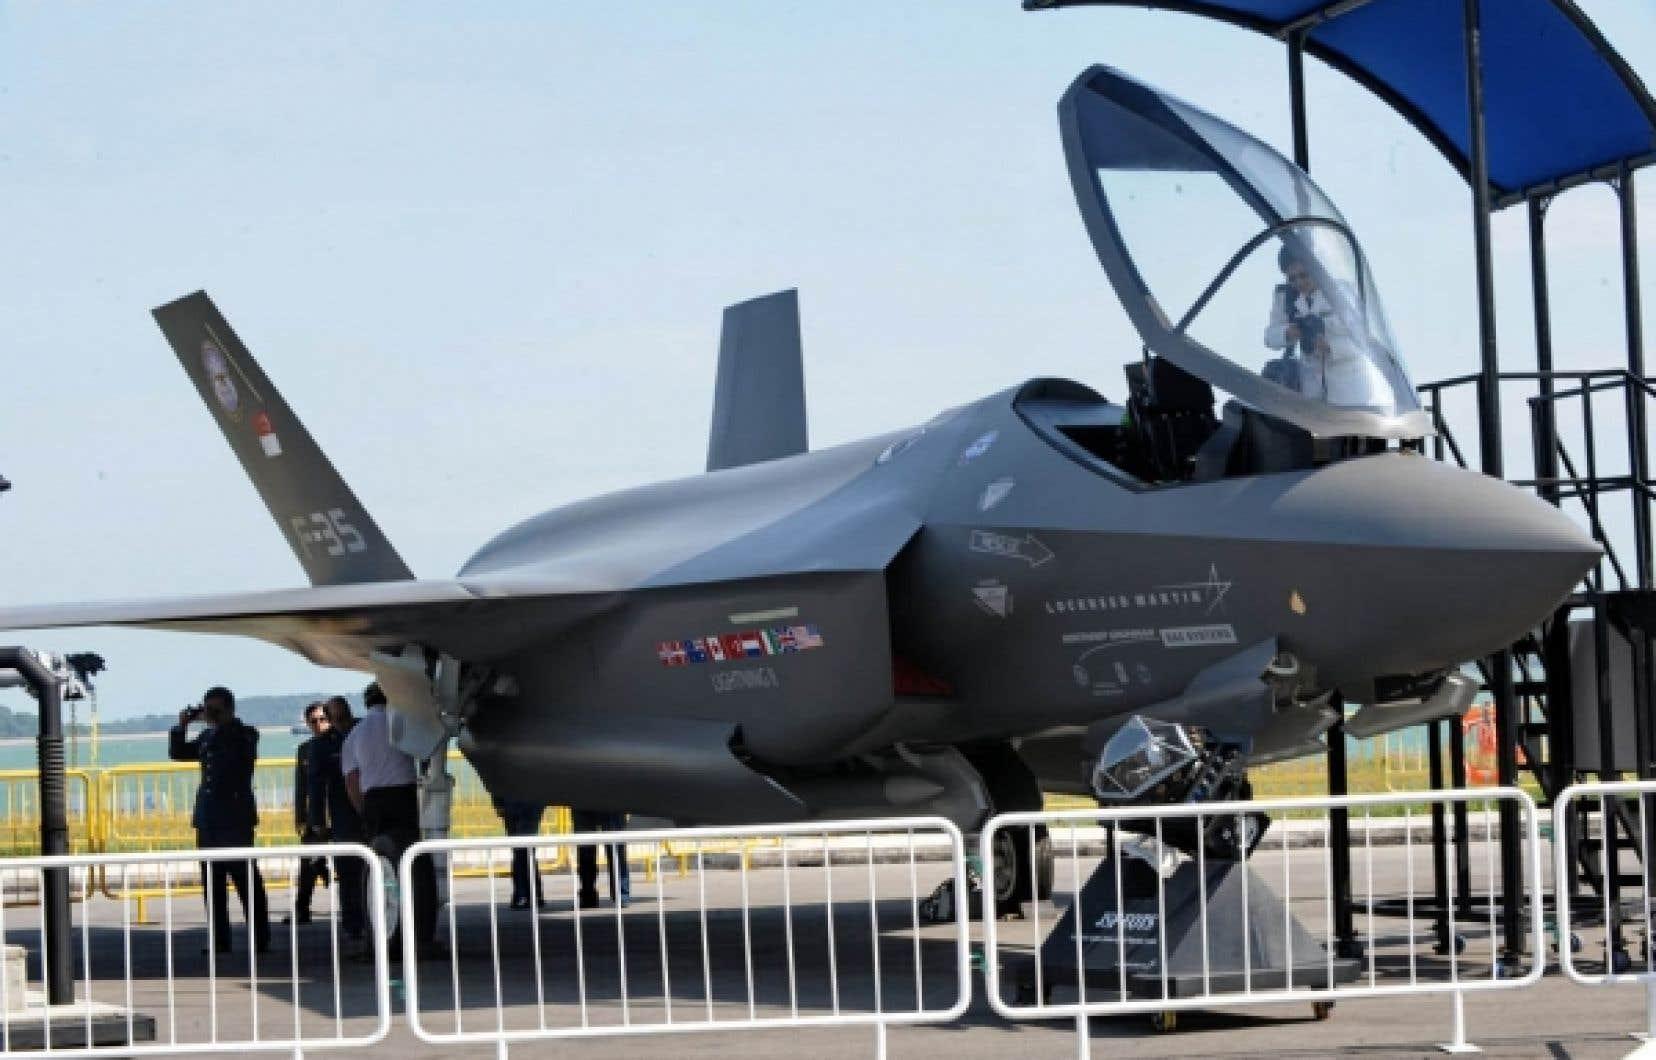 Pour l&rsquo;heure, le Canada pr&eacute;voit payer entre 70 et 75 millions $US pour chaque avion F-35.<br />